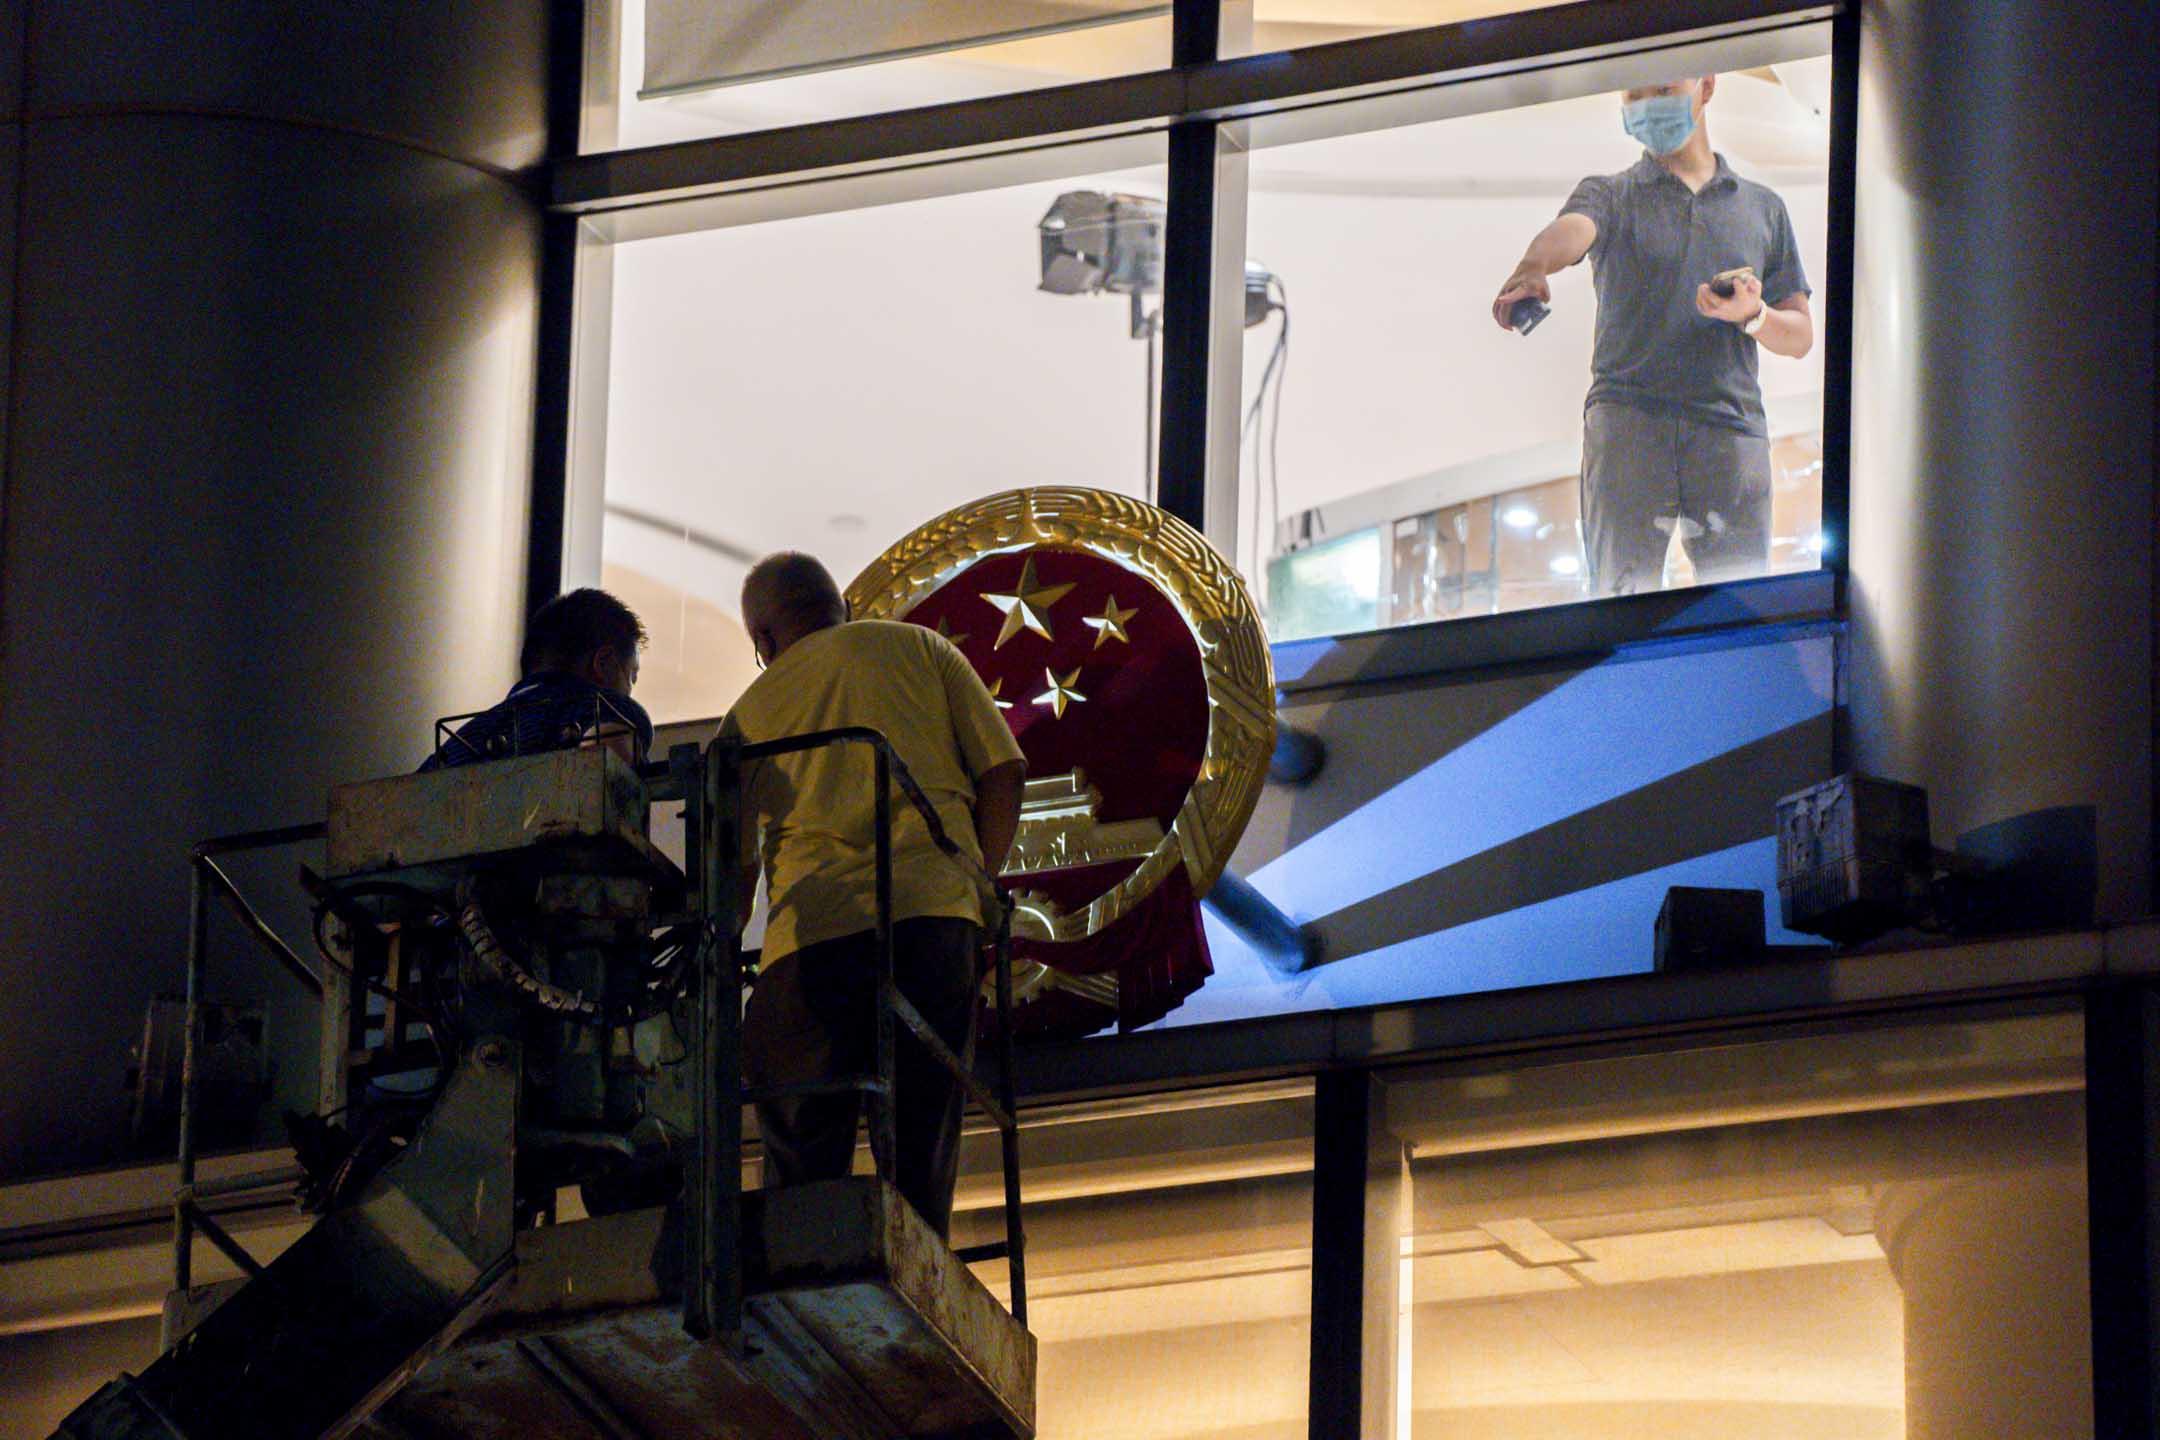 2020年7月7日凌晨,採用銅鑼灣維景酒店一整座作臨時辦公室的駐港國安公署,由工人架起中華人民共和國的國徽。 攝:林振東/端傳媒